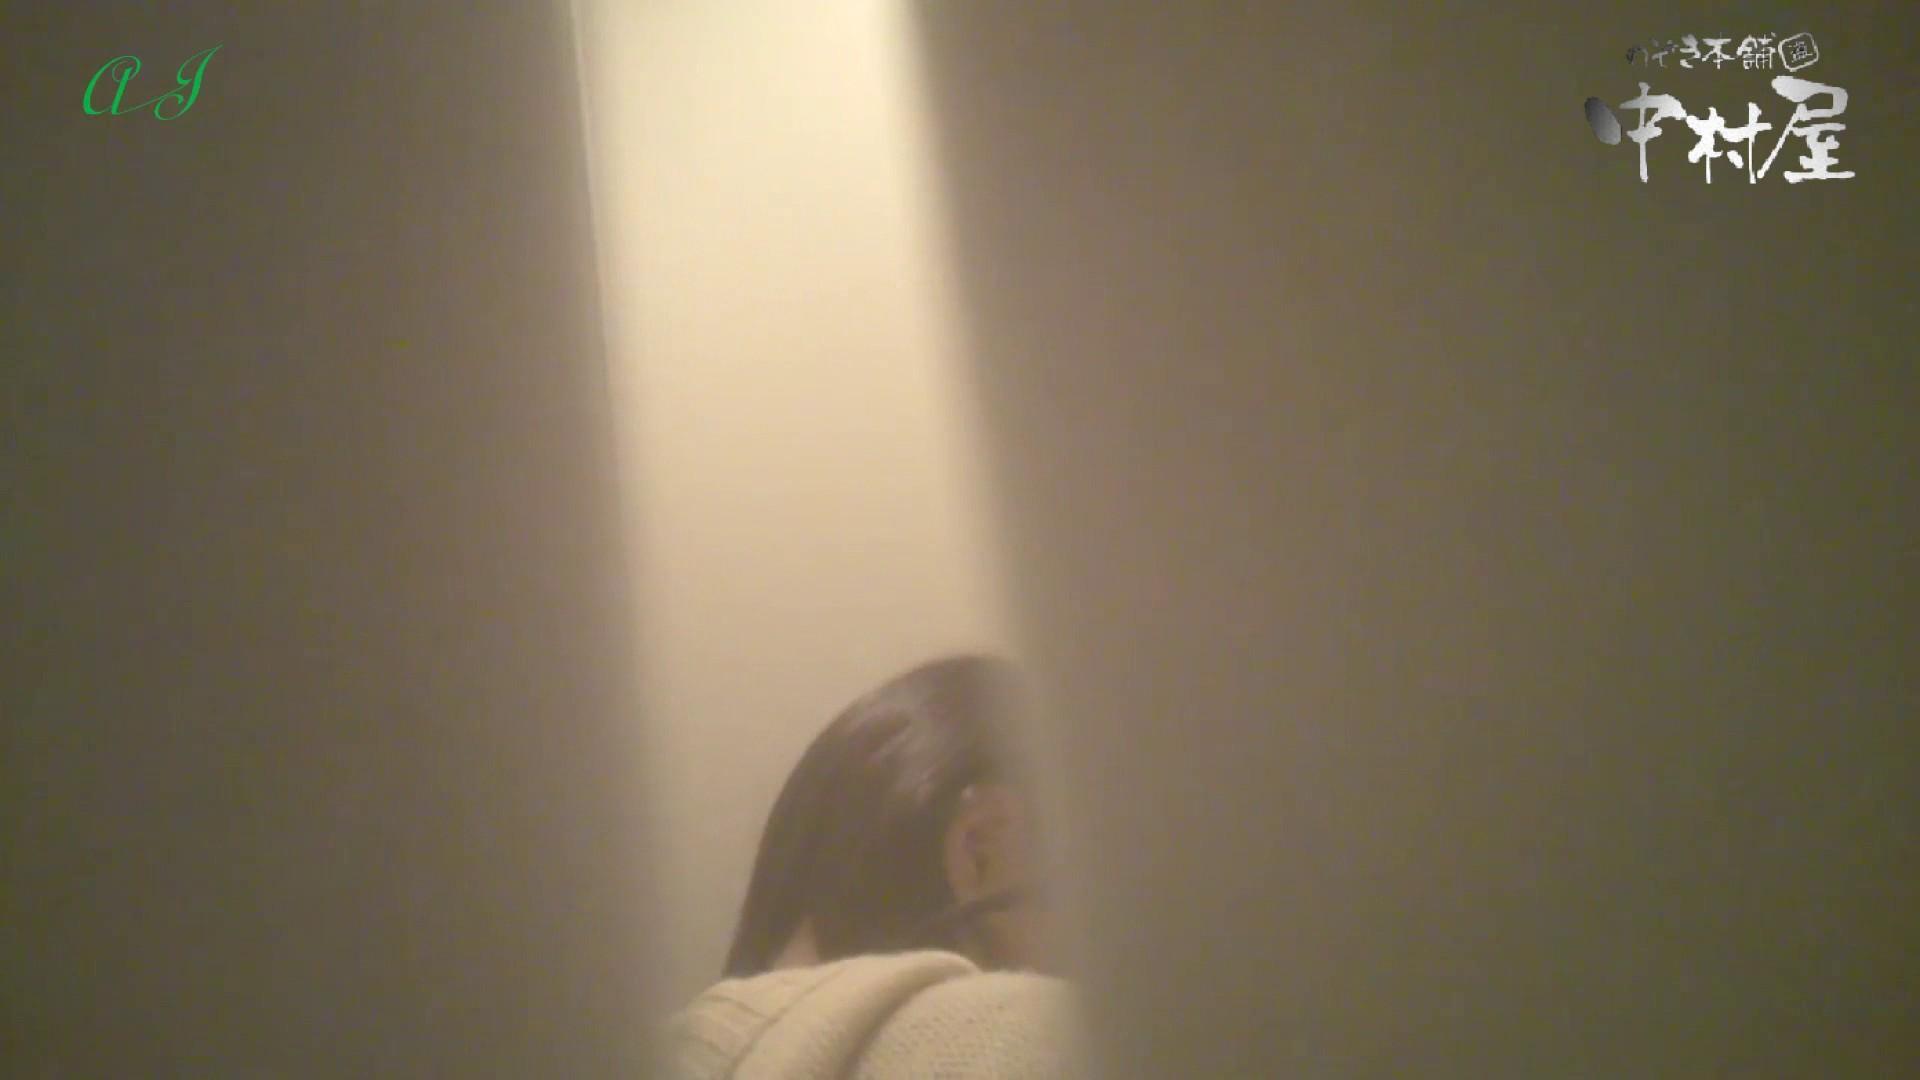 有名大学女性洗面所 vol.61 お久しぶりです。美しい物を美しく撮れました HなOL | 投稿  96pic 2